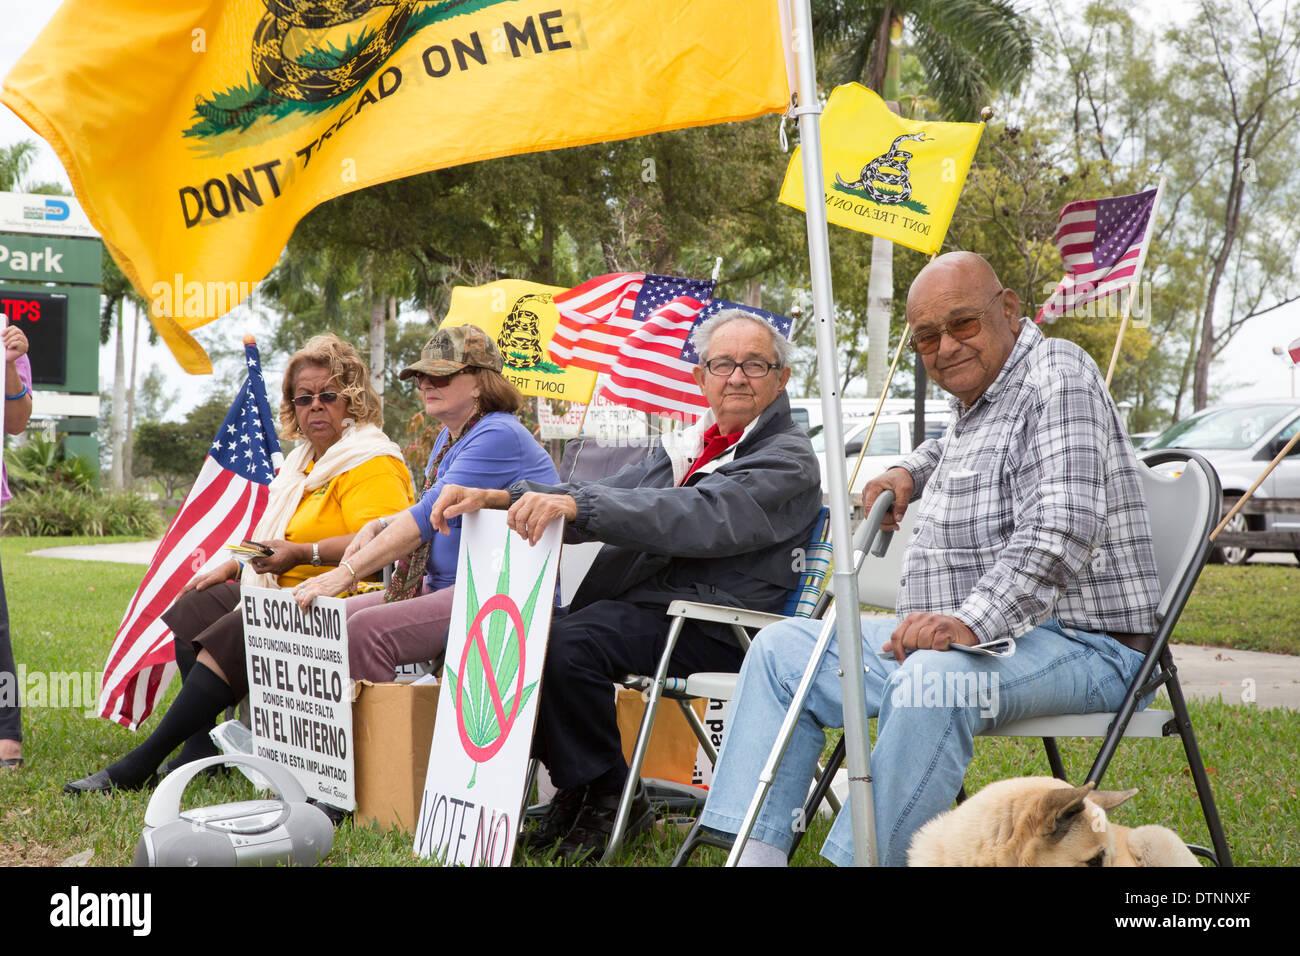 Miami, Florida - Exilkubanern, Mitglieder der Tea-Party-Rallye auf einer Vielzahl von Themen. Stockbild